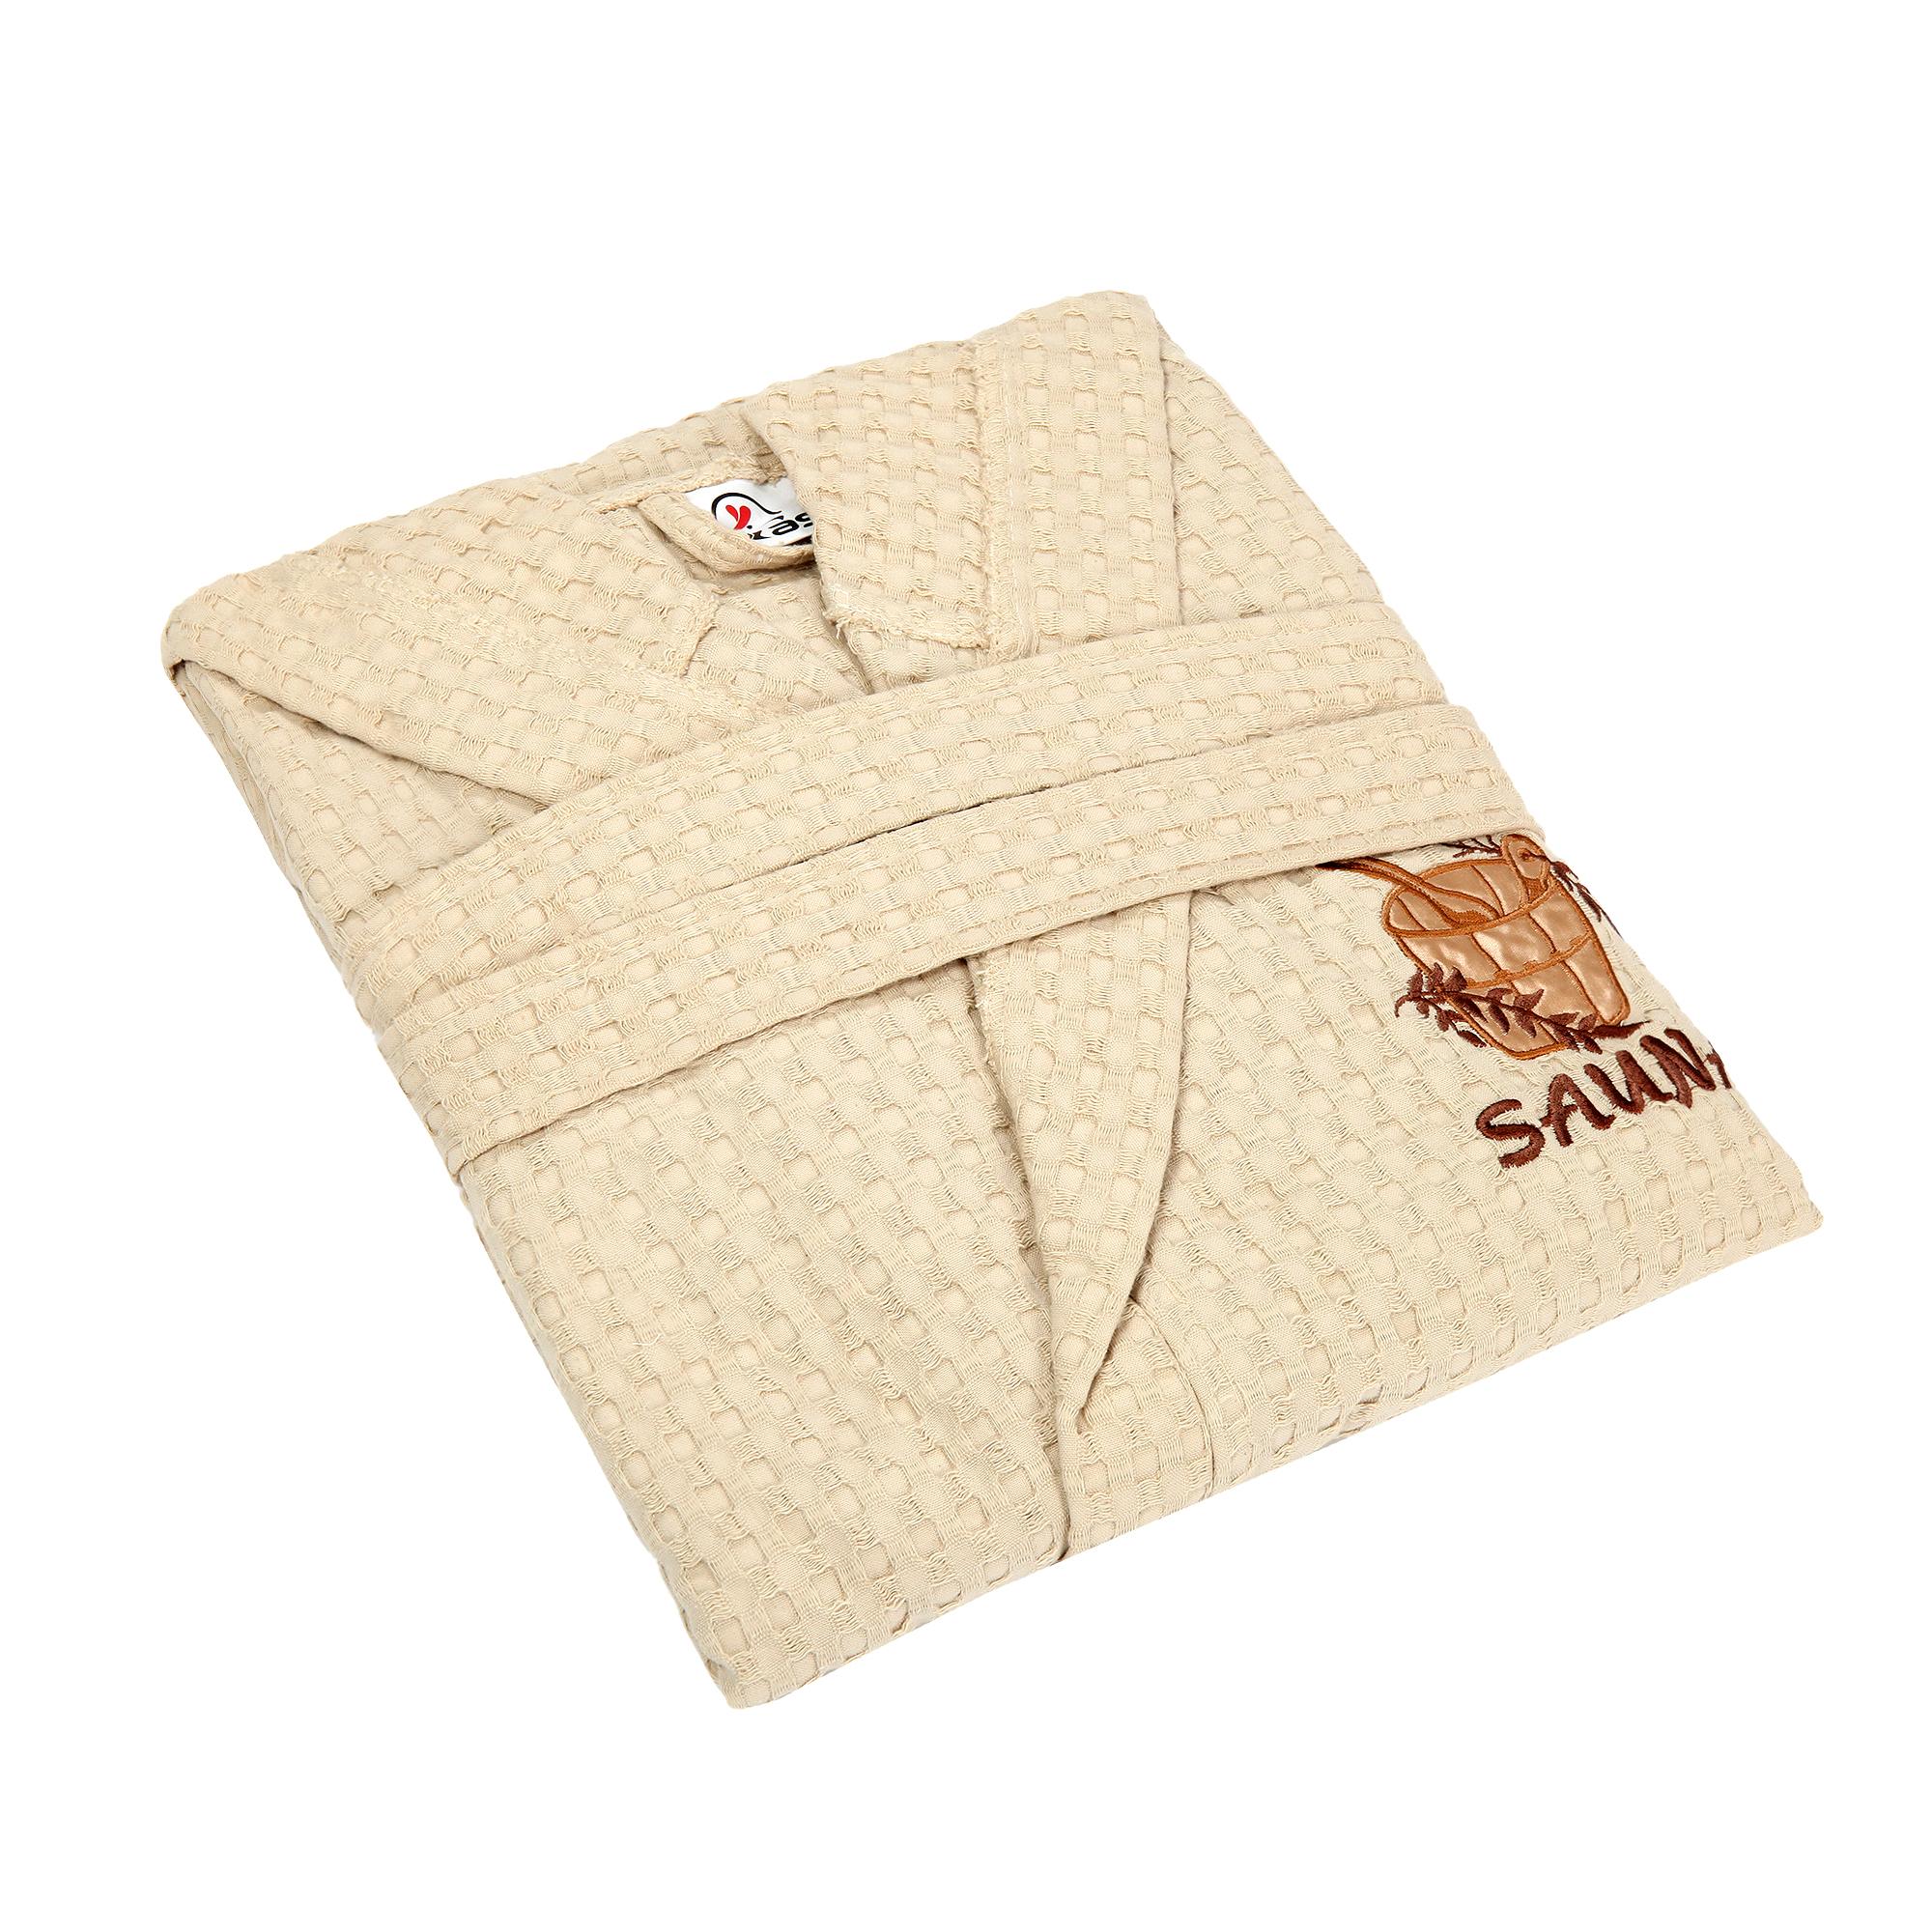 халат roberto cavalli araldico xxl brown Халат мужской Asil sauna brown xxl вафельный с капюшоном